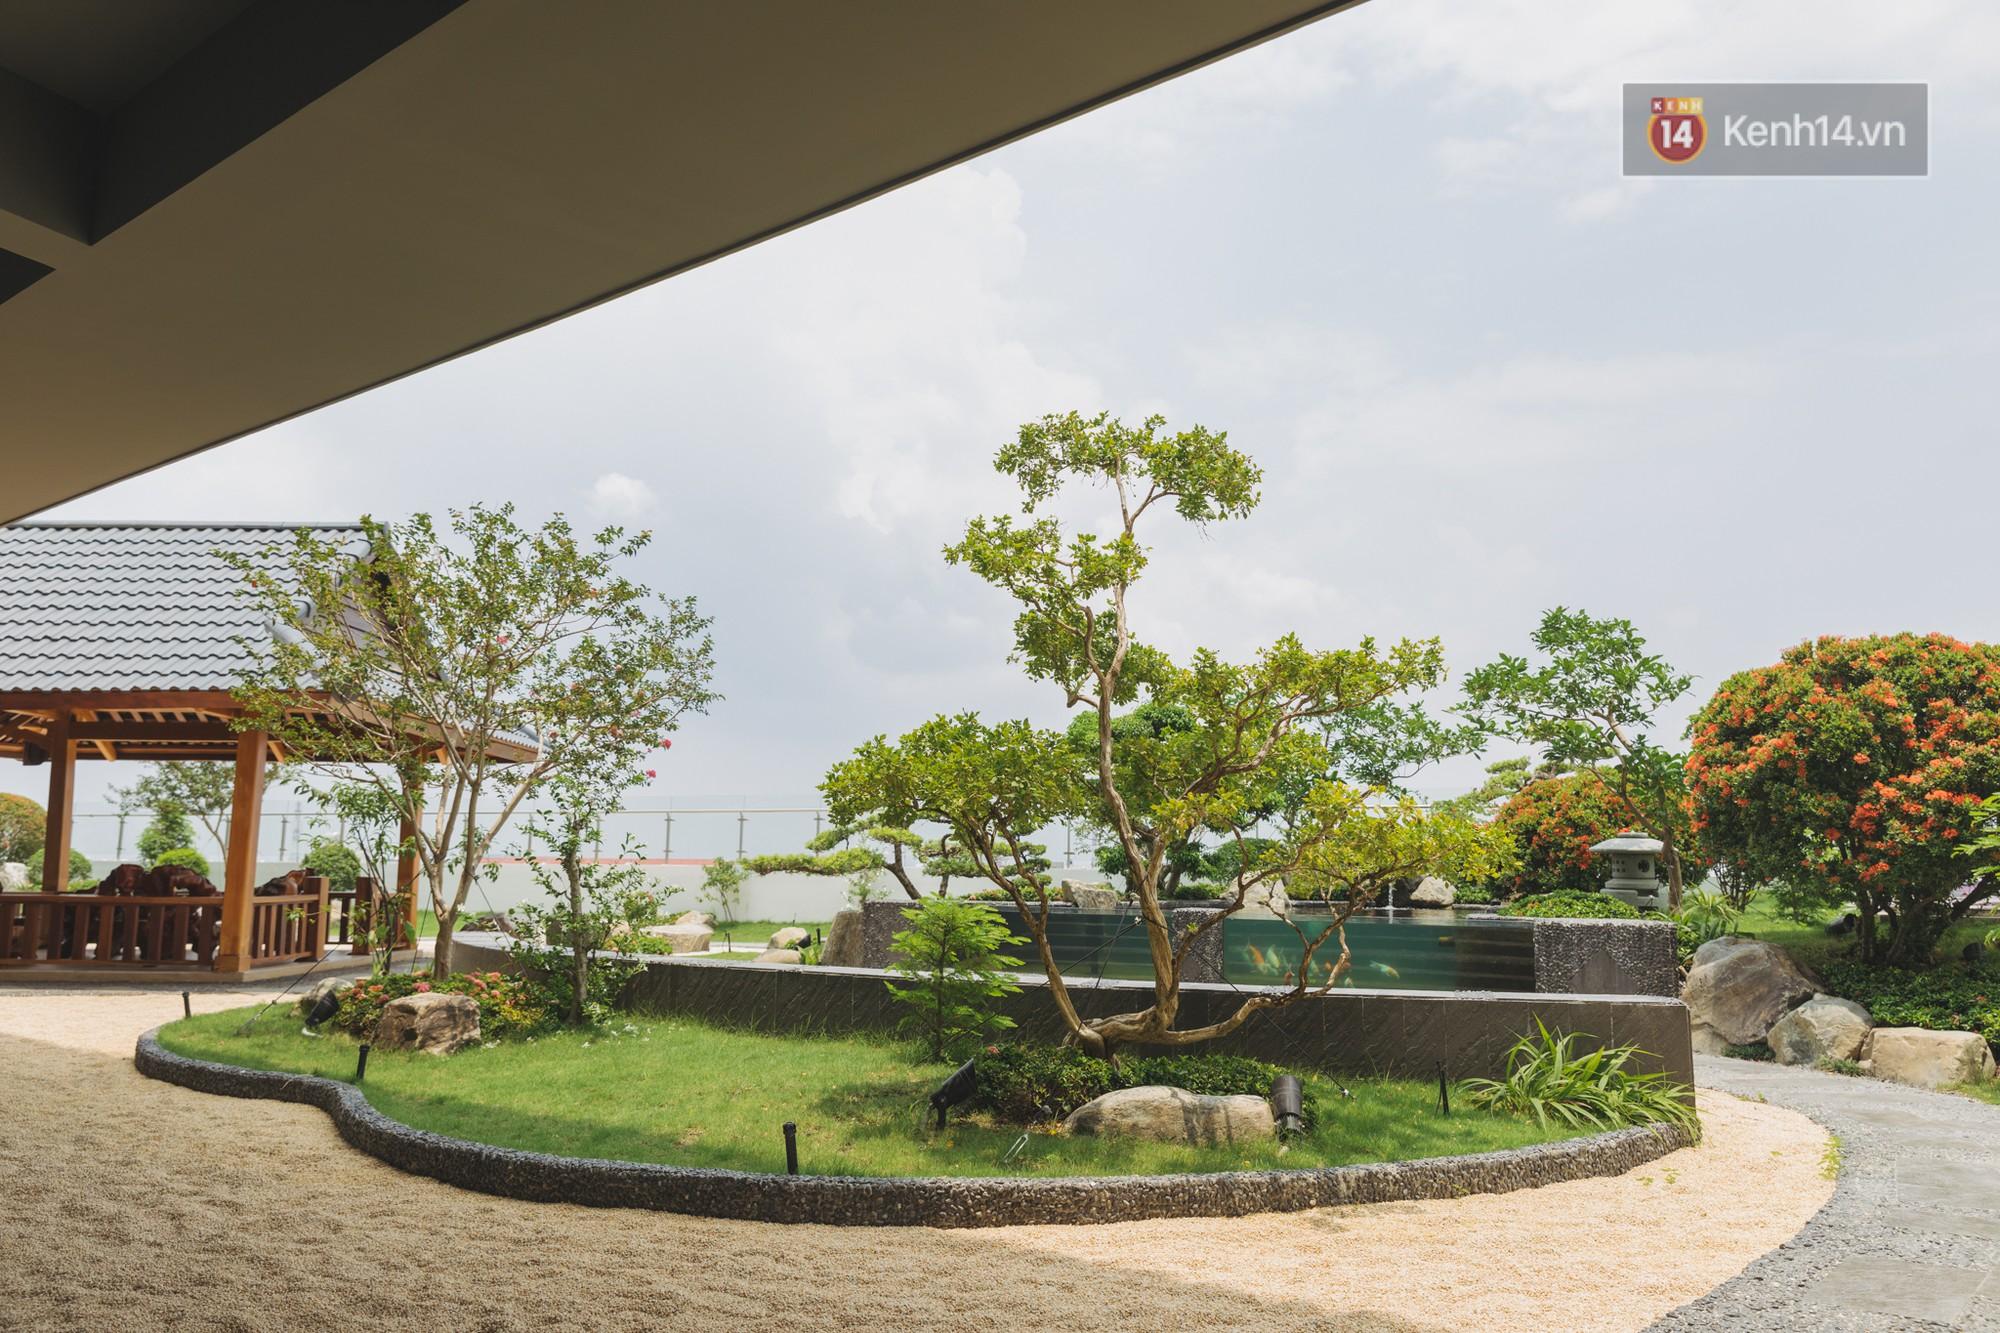 Ảnh 14: Thiên đường sống ảo Sài Gòn